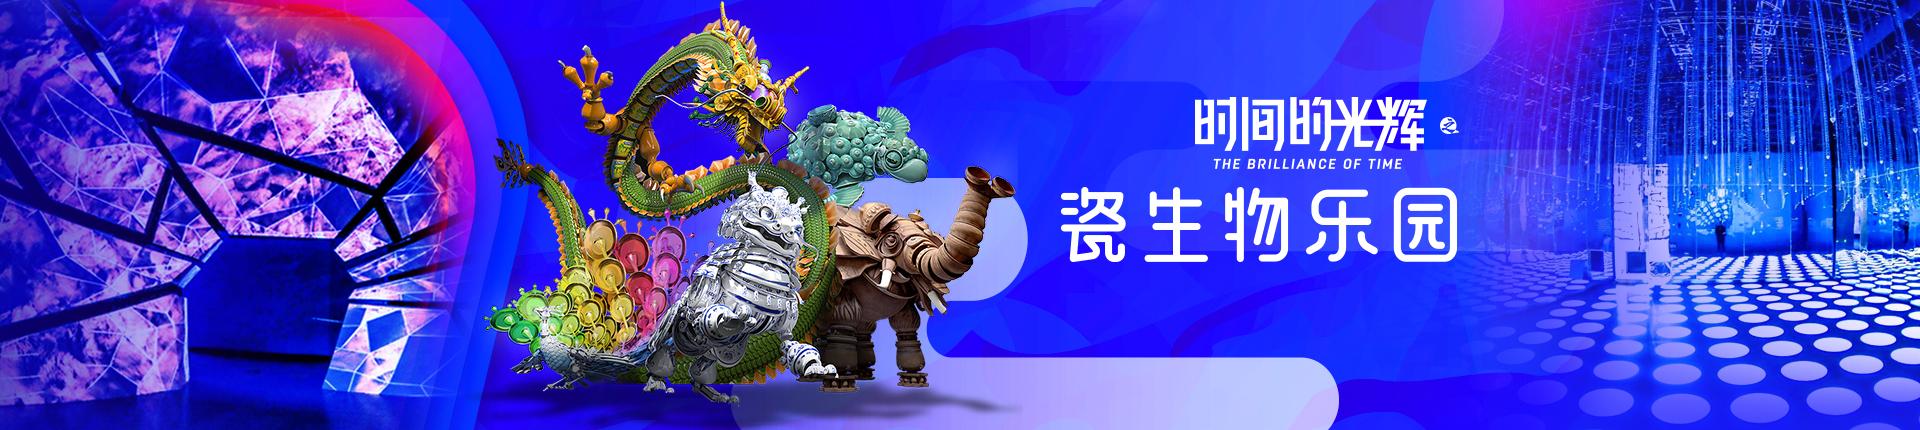 """新華網推出""""時間的光輝之瓷生物樂園""""沉浸式藝術特展"""